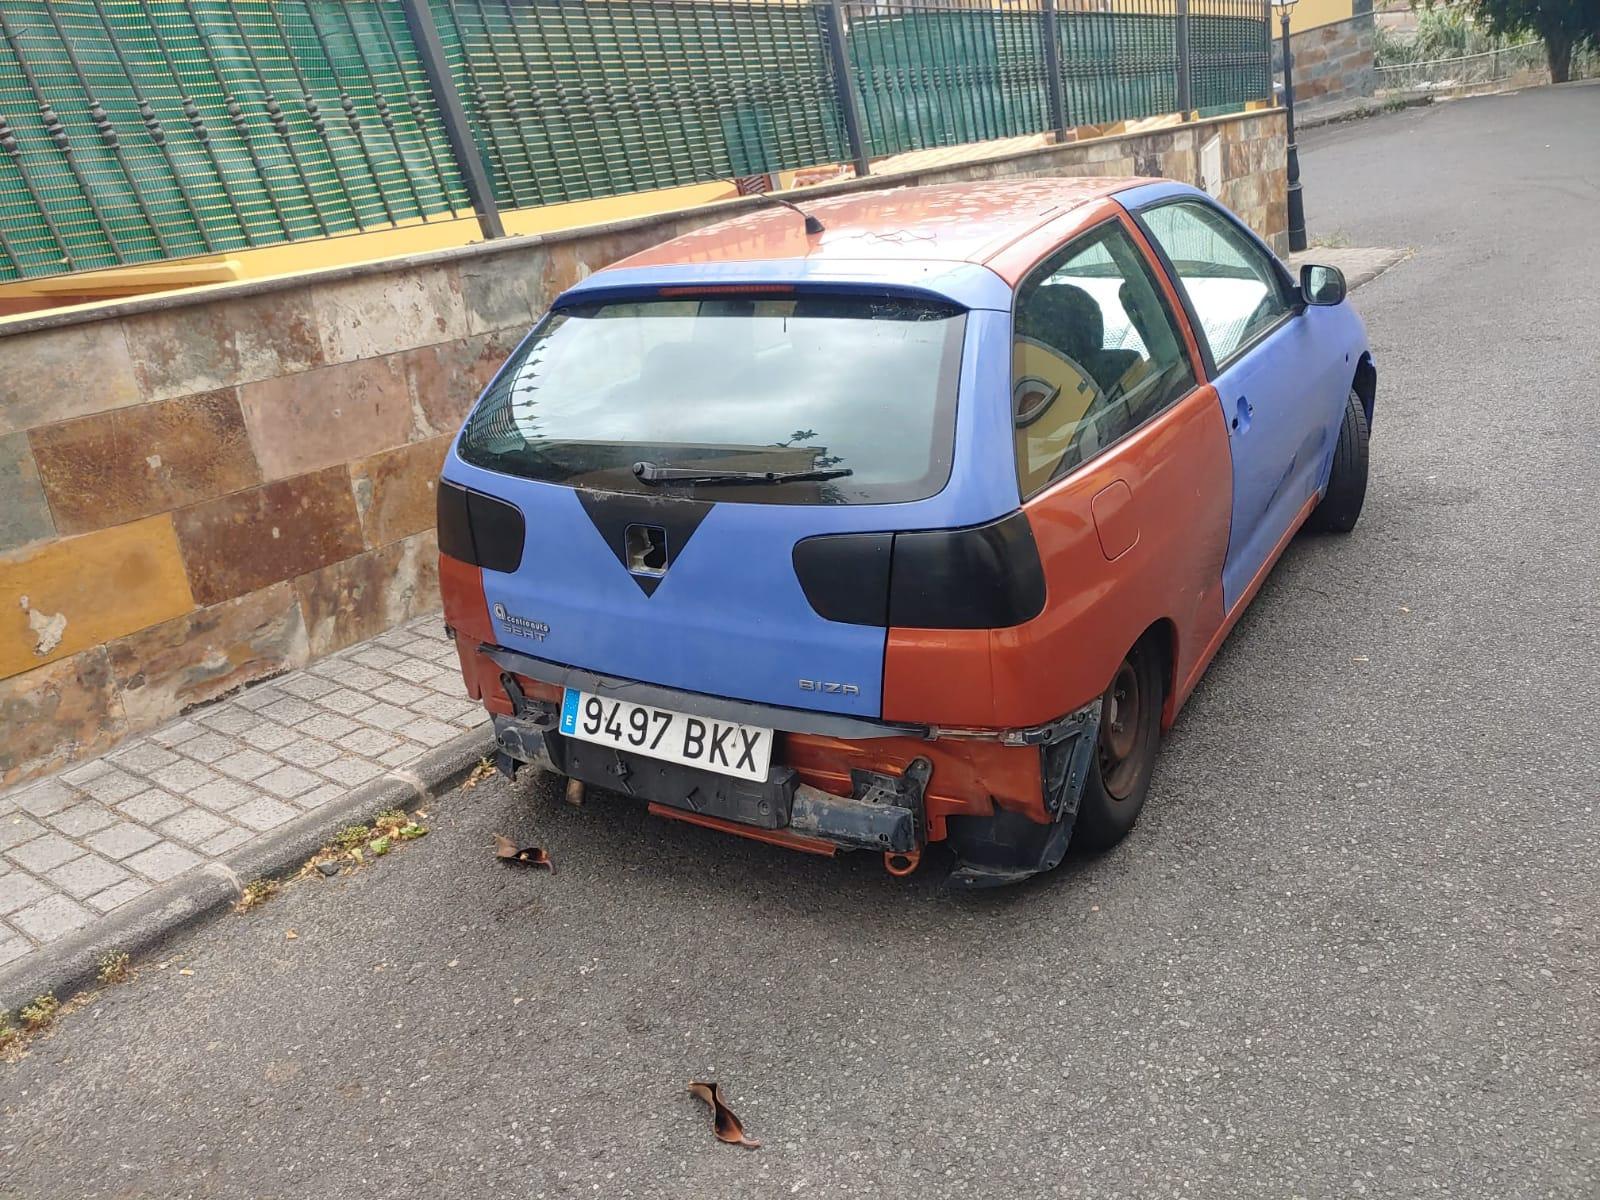 Vehículo abandonado en la vía pública, Teror. Gran Canaria